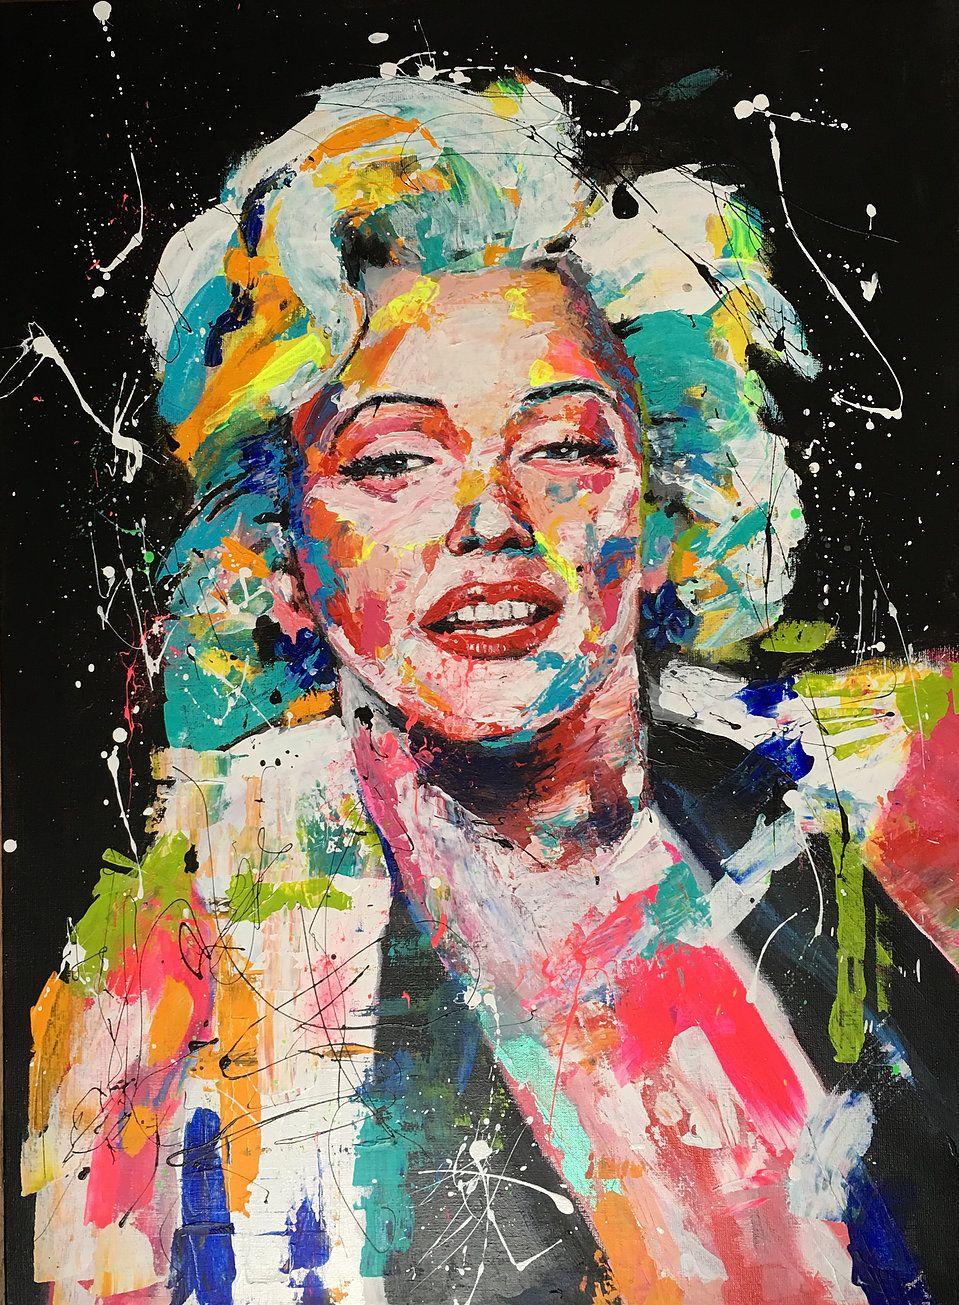 Peinture L Acrylique De Jerome Royer Jerome Royer Aquarelles